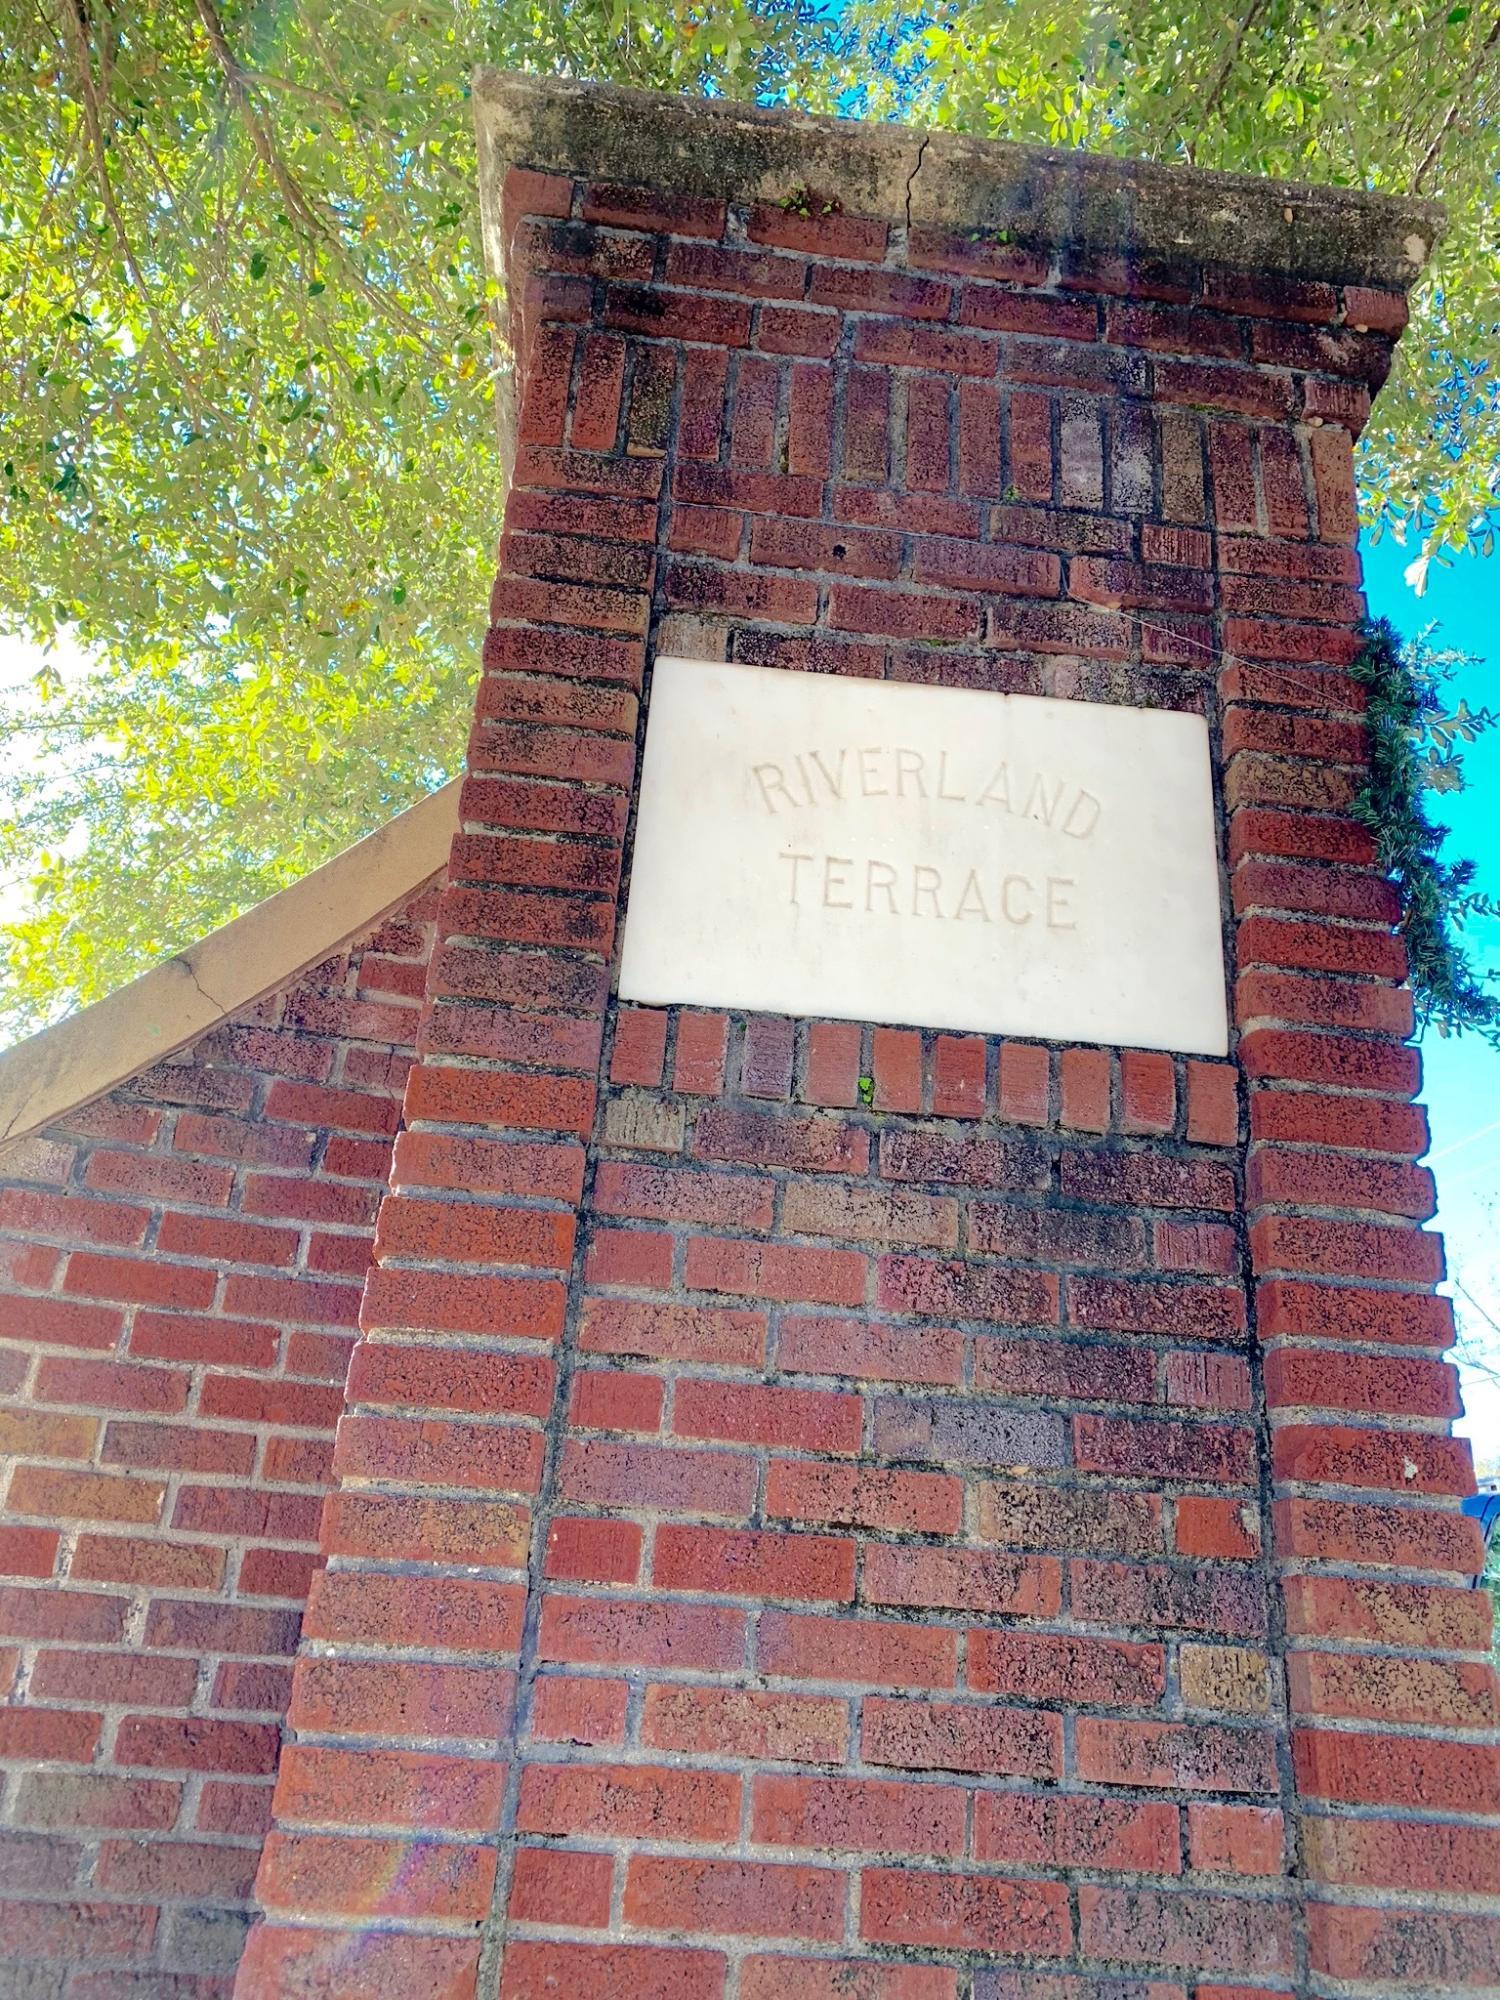 Riverland Terrace Homes For Sale - 2033 Frampton, Charleston, SC - 3